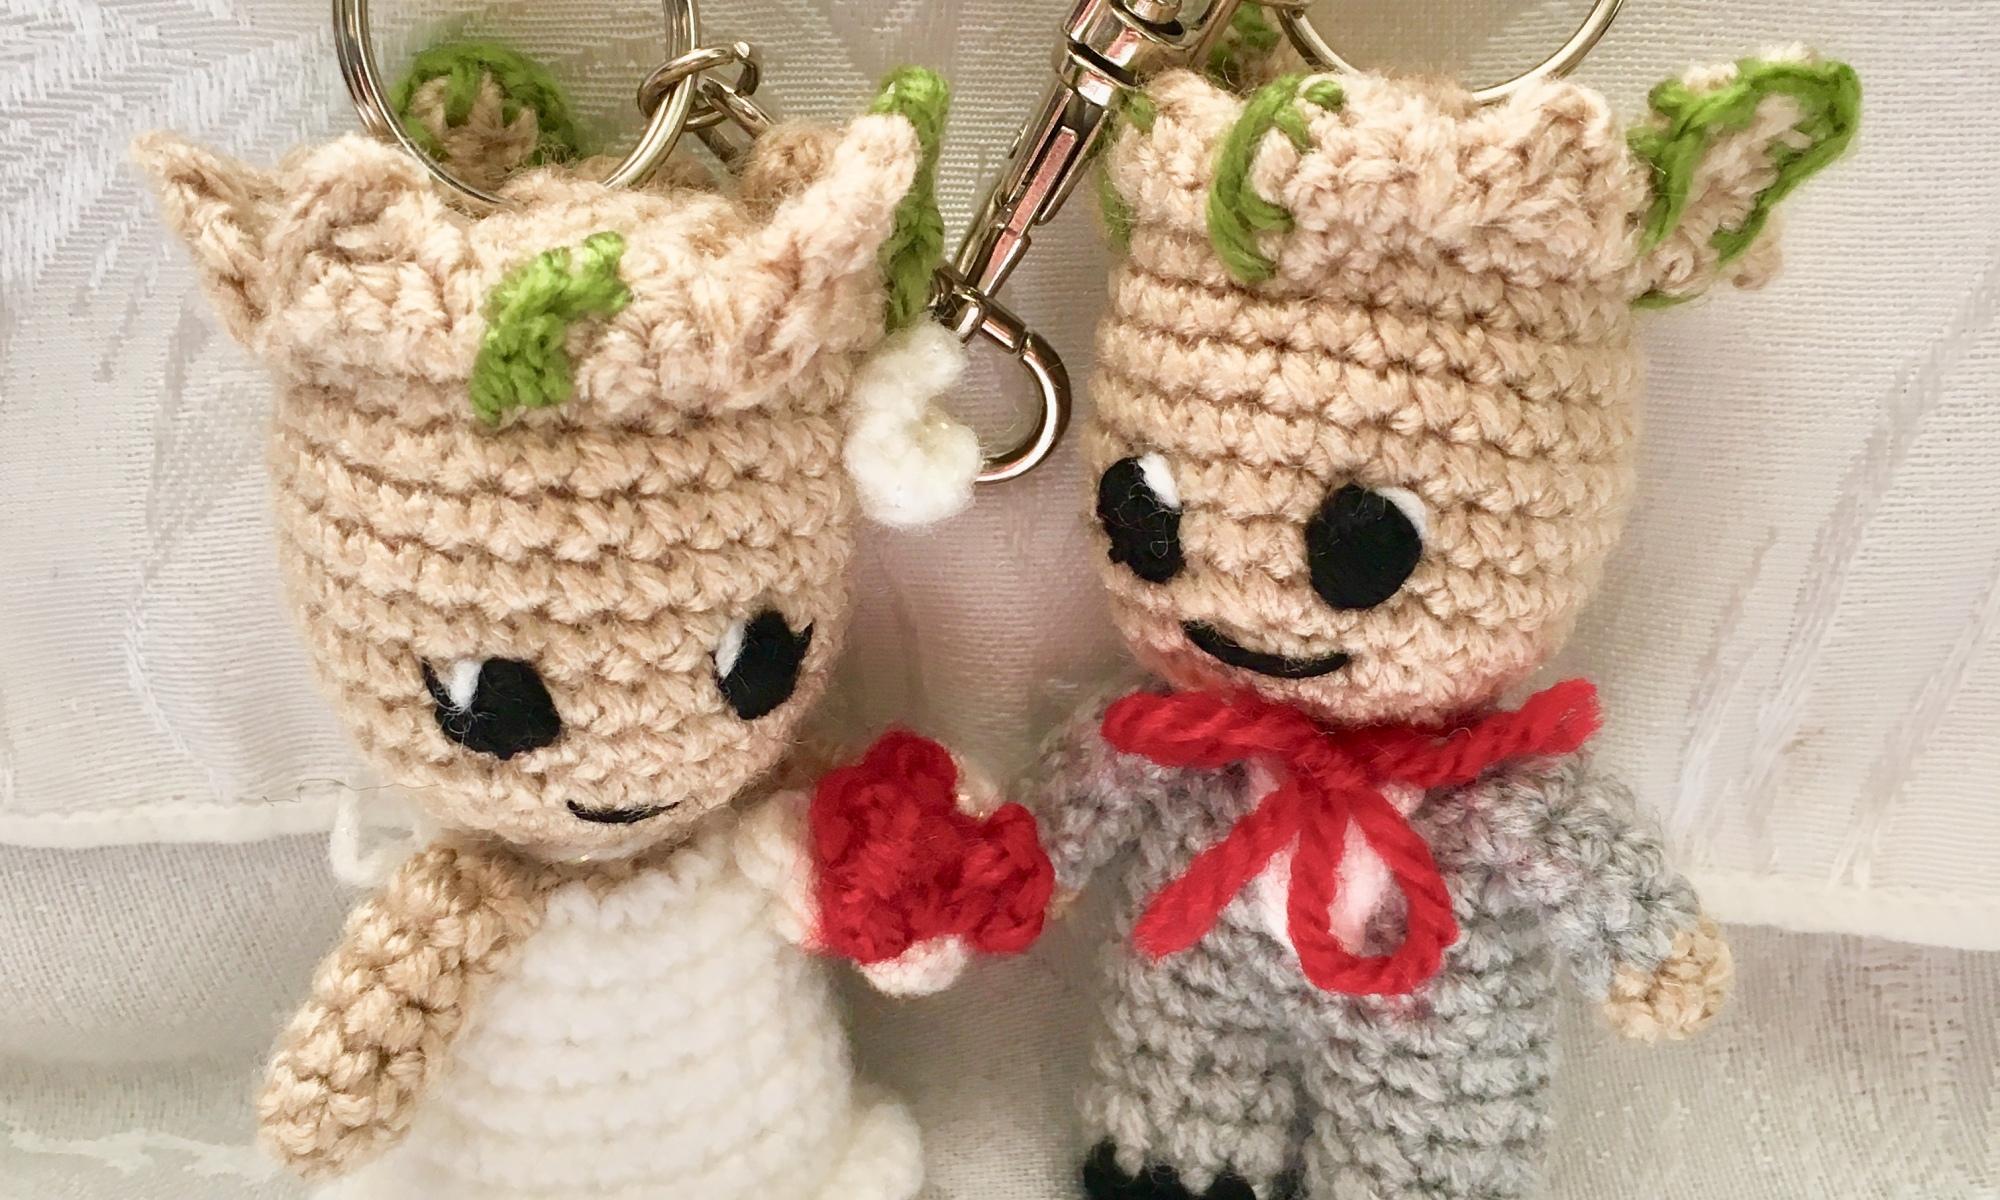 Bunny couple love keychain free pattern | Llavero ganchillo, Ganchillo  amigurumi, Amigurumi patrones gratis | 1200x2000